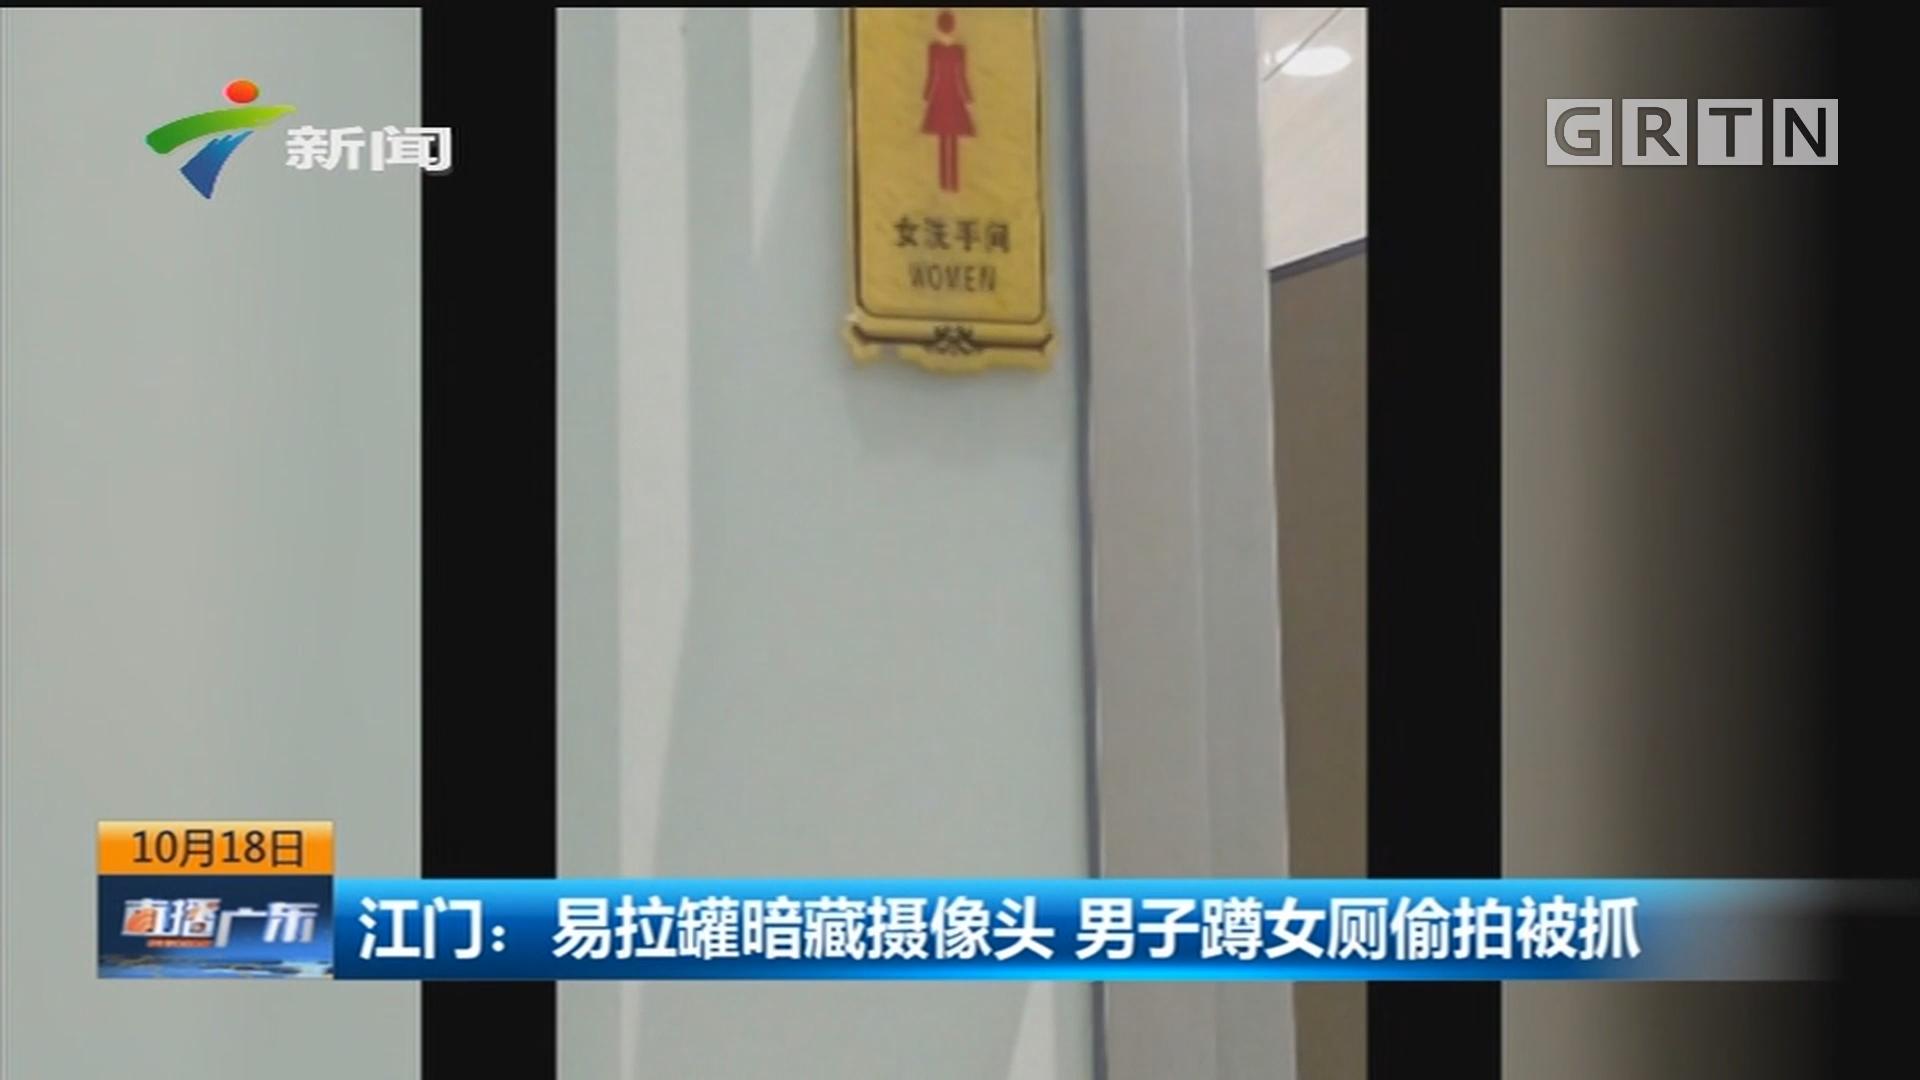 江门:易拉罐暗藏摄像头 男子蹲女厕偷拍被抓